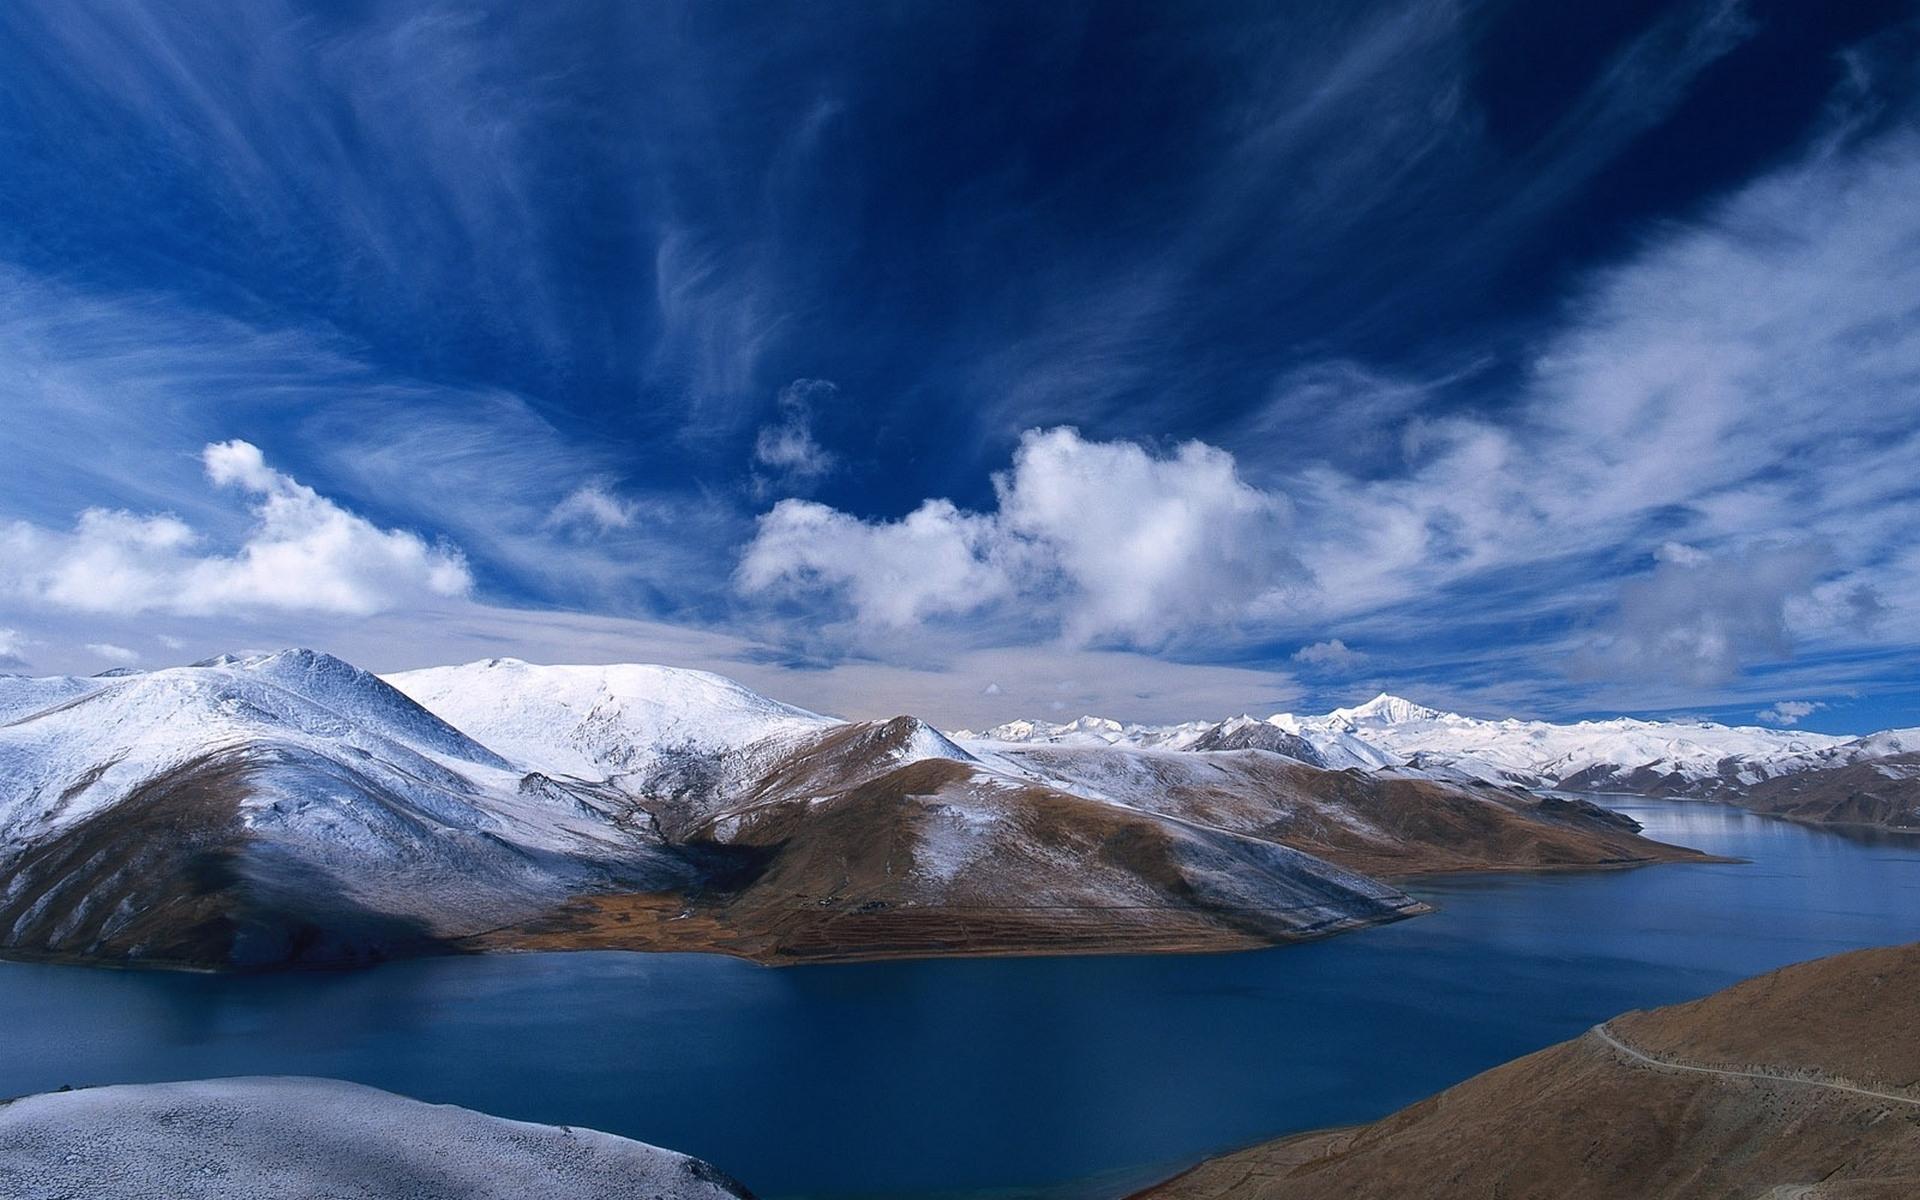 27284 Заставки и Обои Озера на телефон. Скачать Озера, Пейзаж, Горы, Облака картинки бесплатно